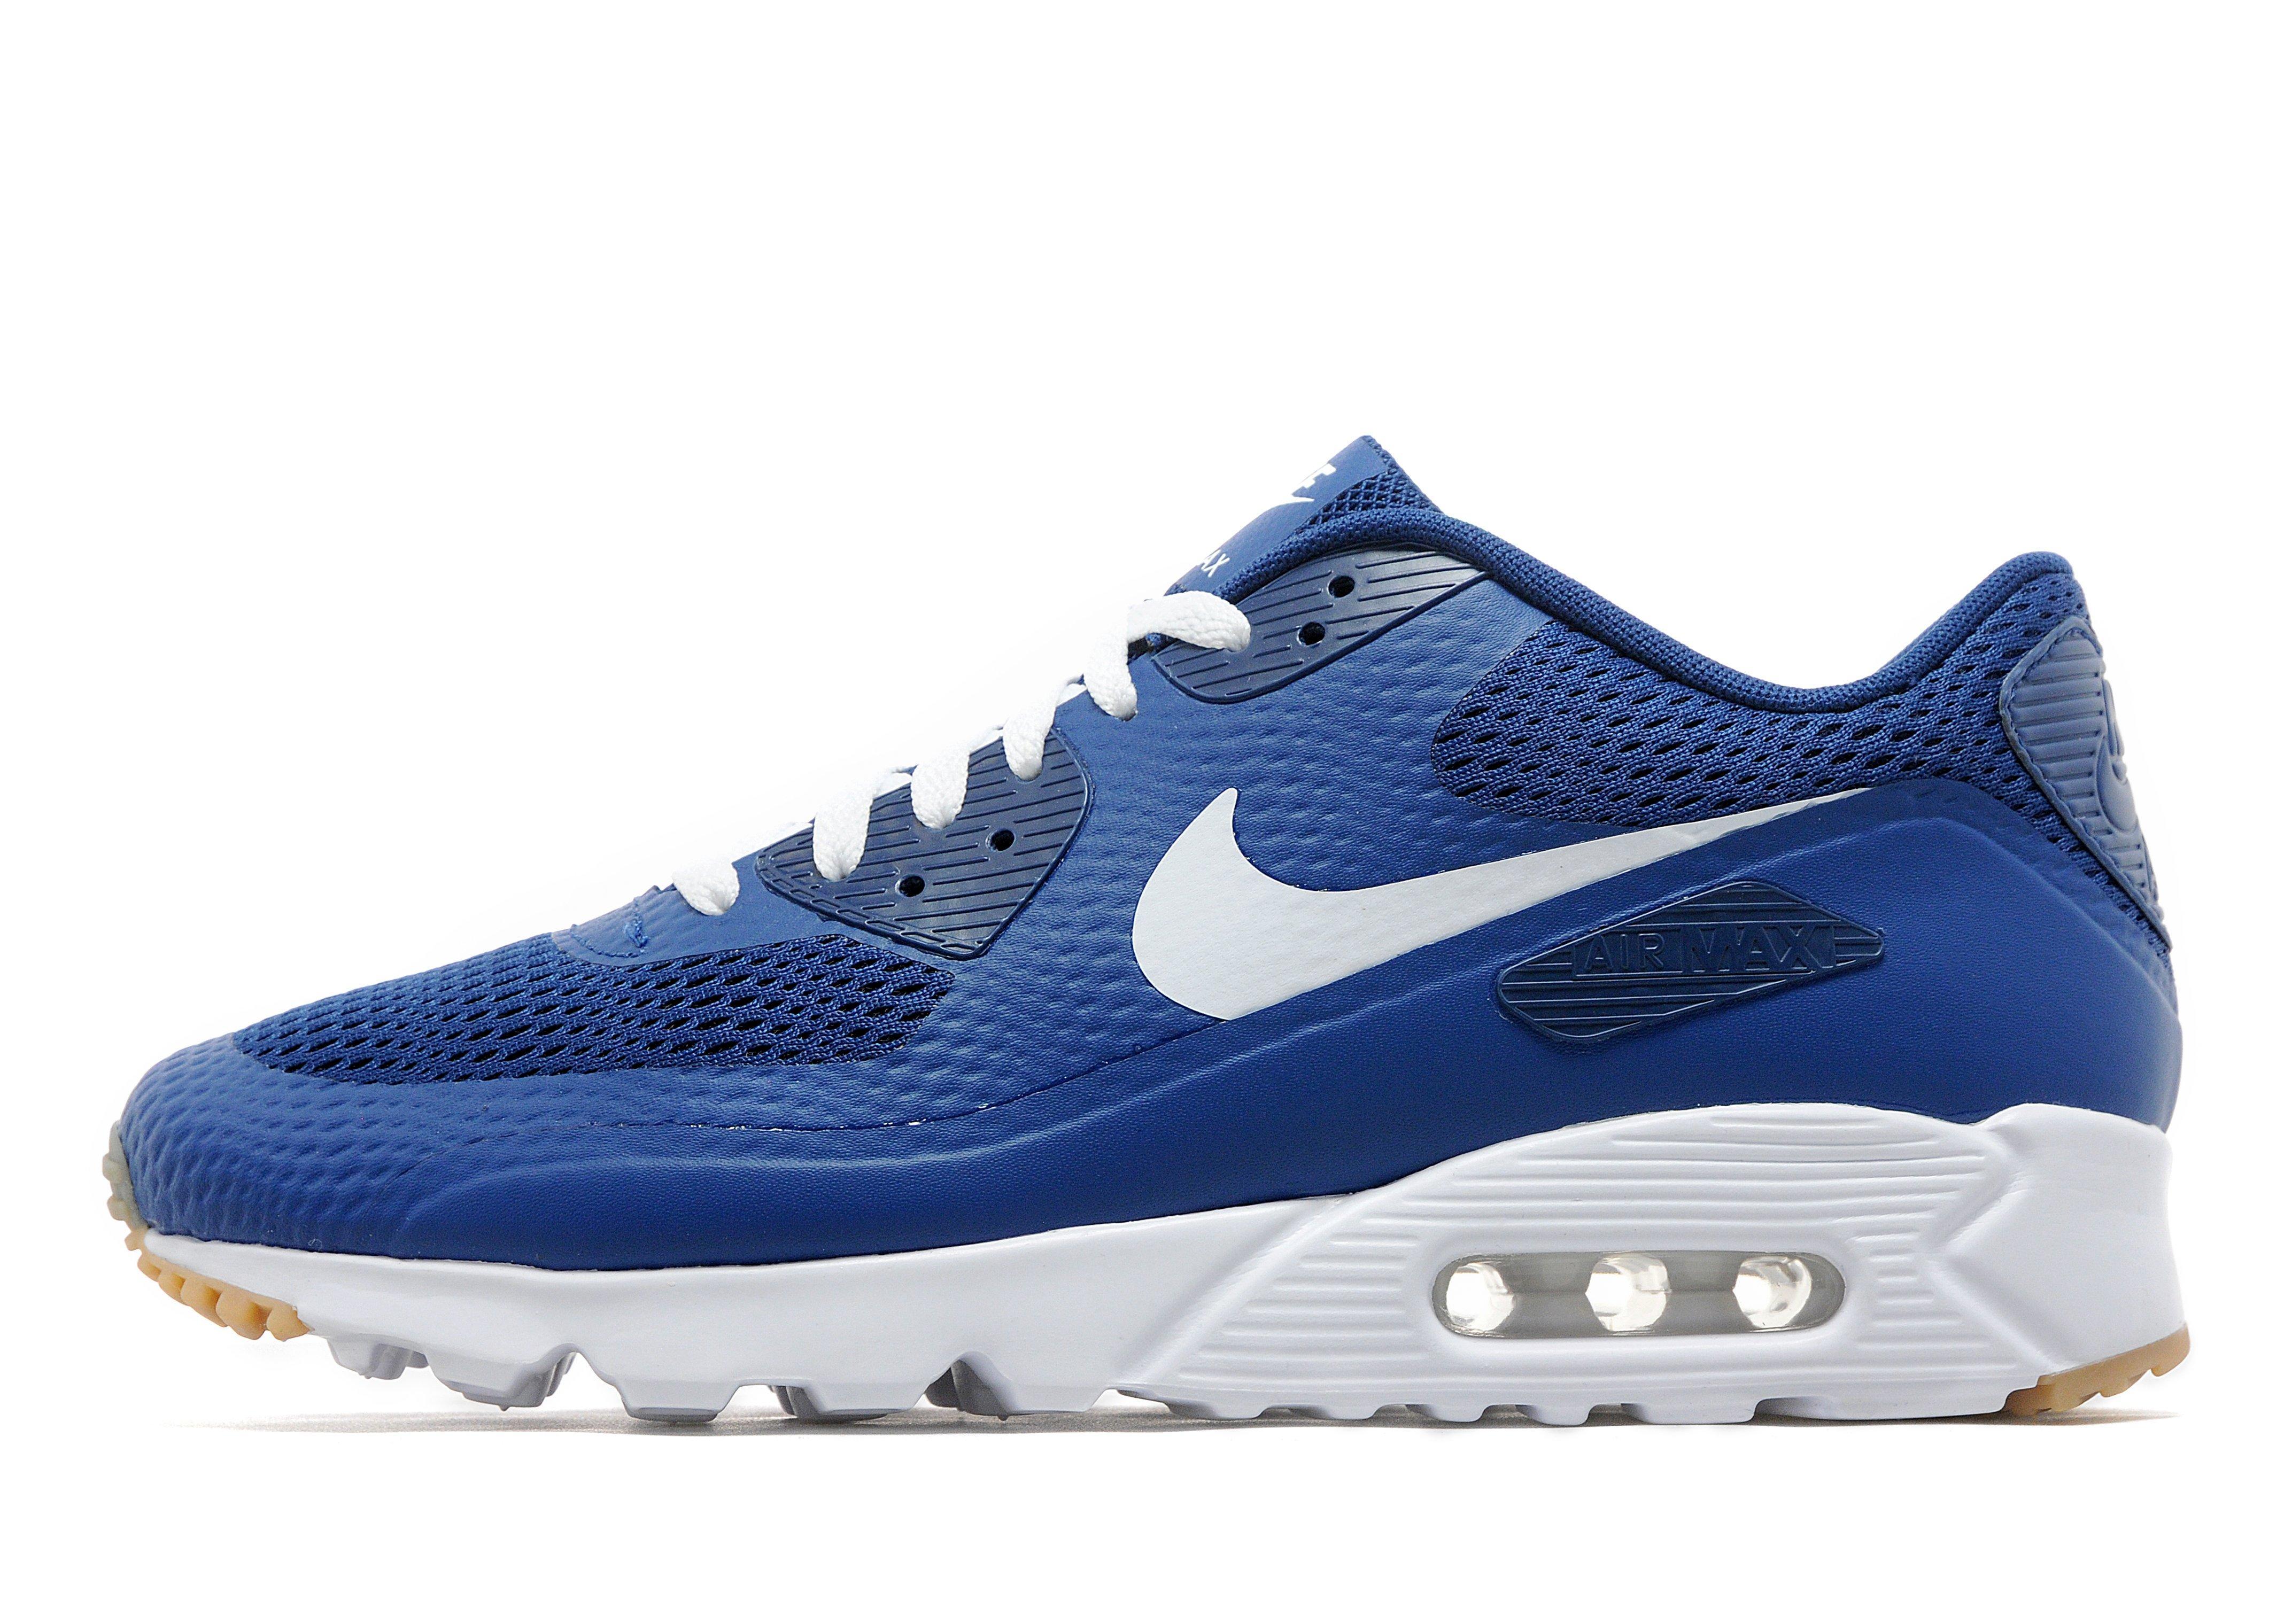 air max 90s blue